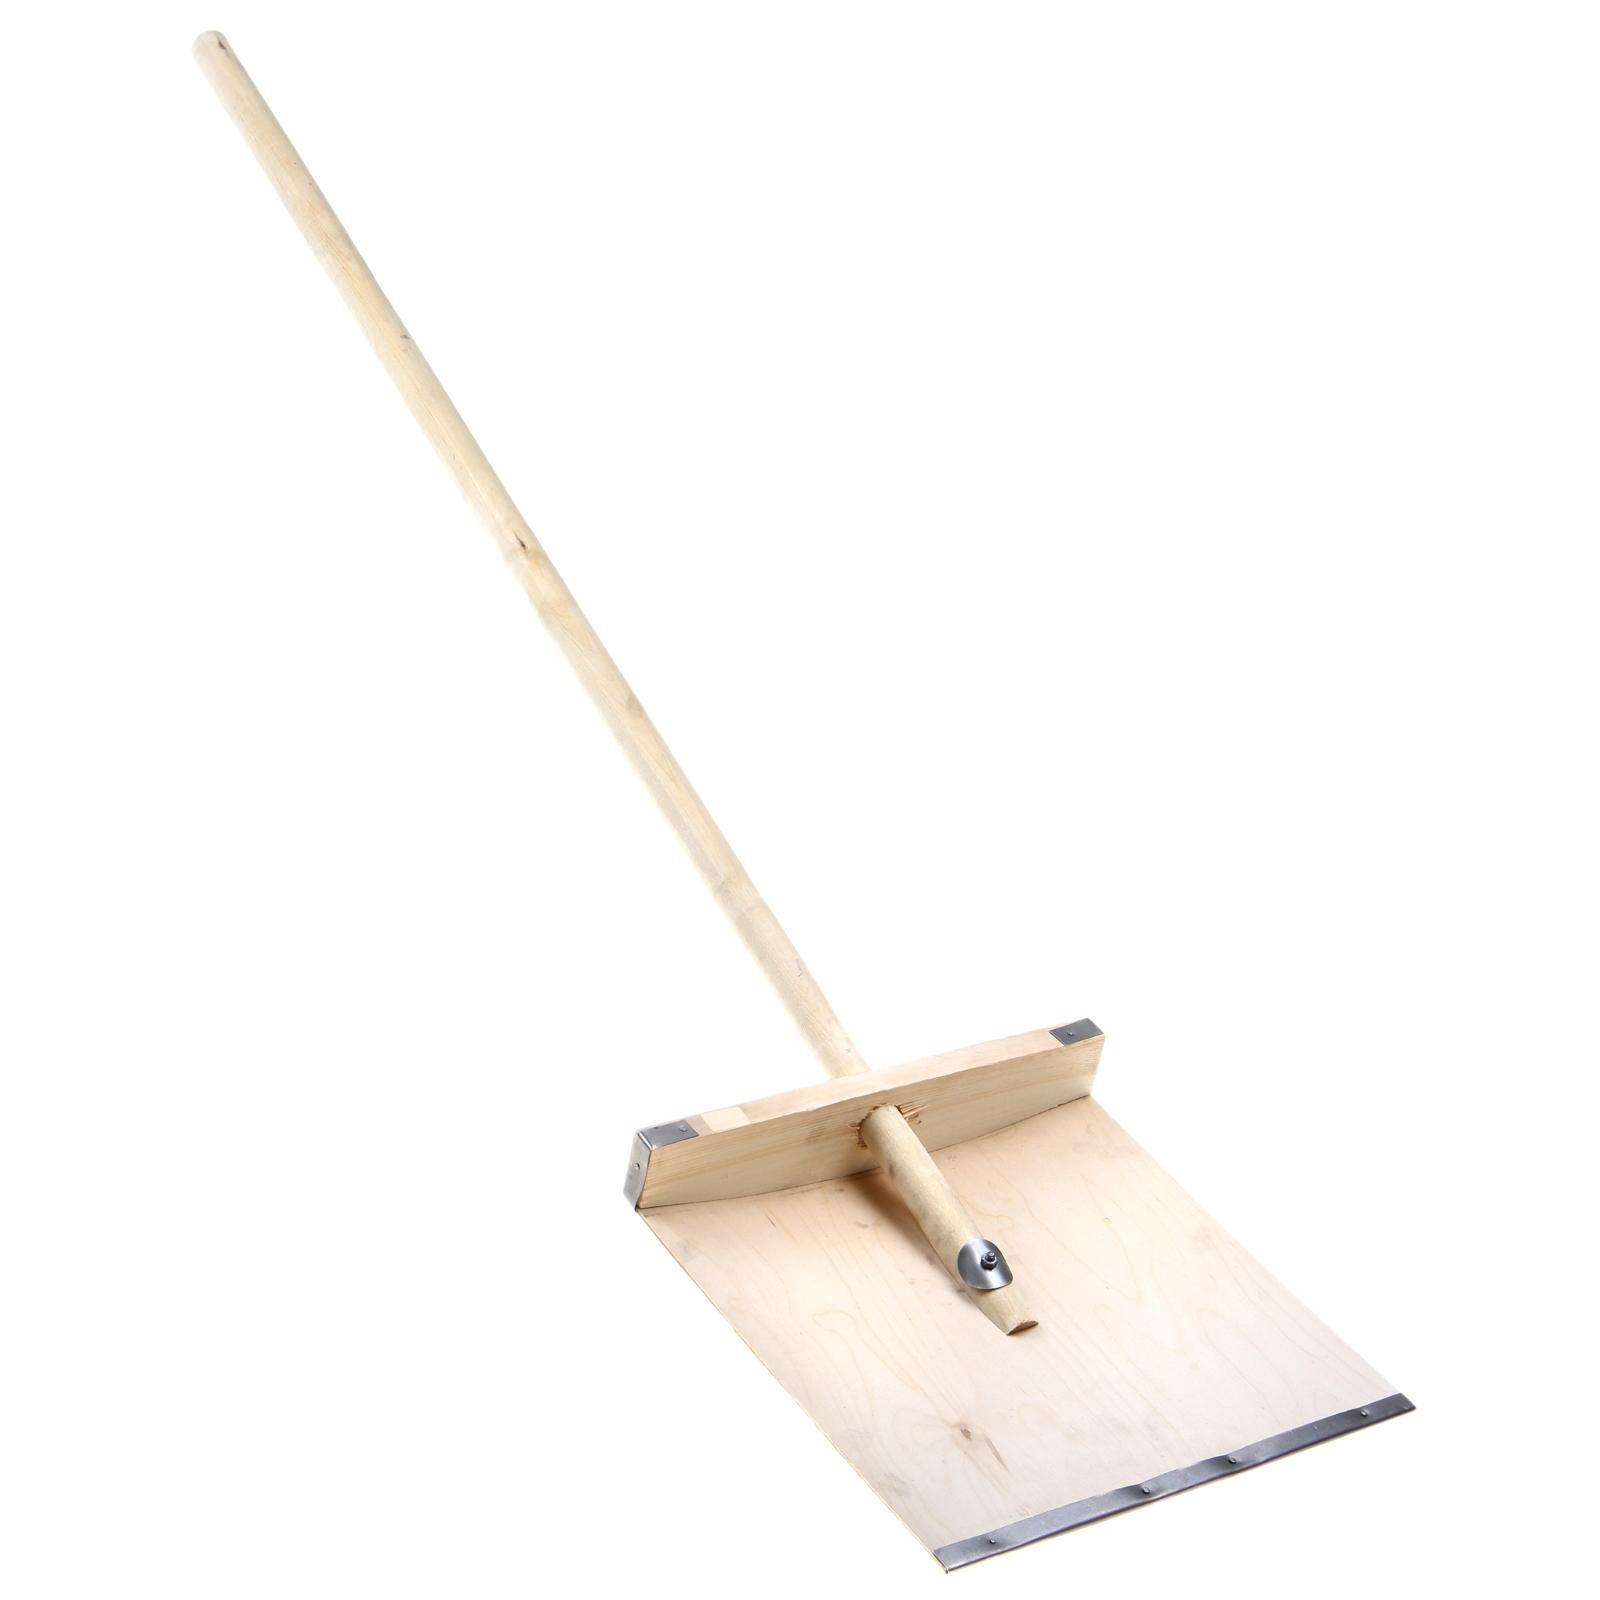 Как сделать большую лопату